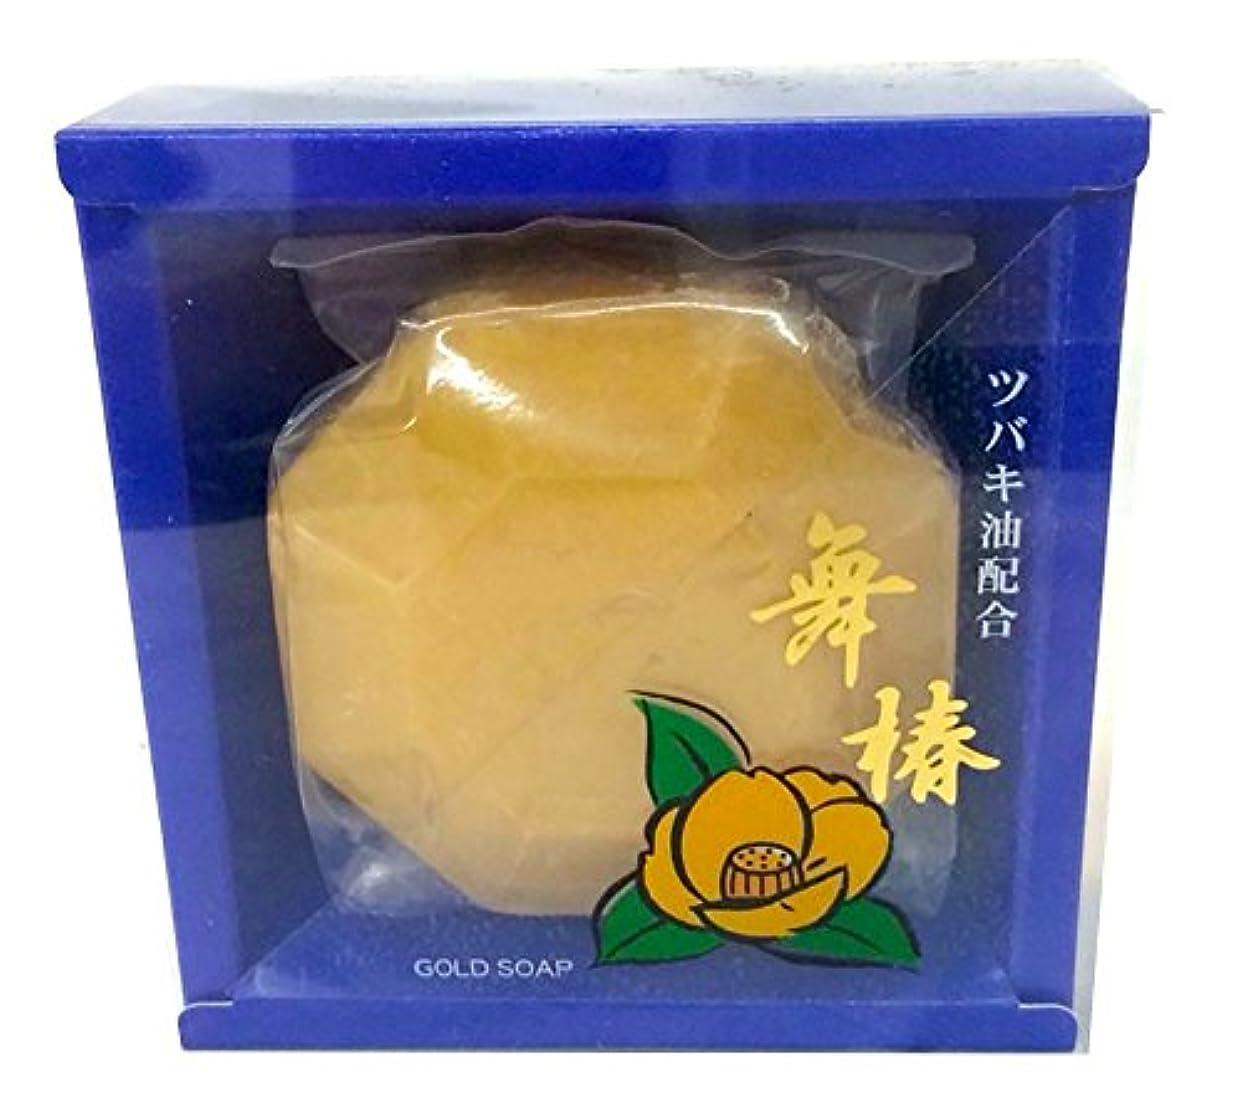 舞椿ゴールドソープ (ツバキオイル配合)110g